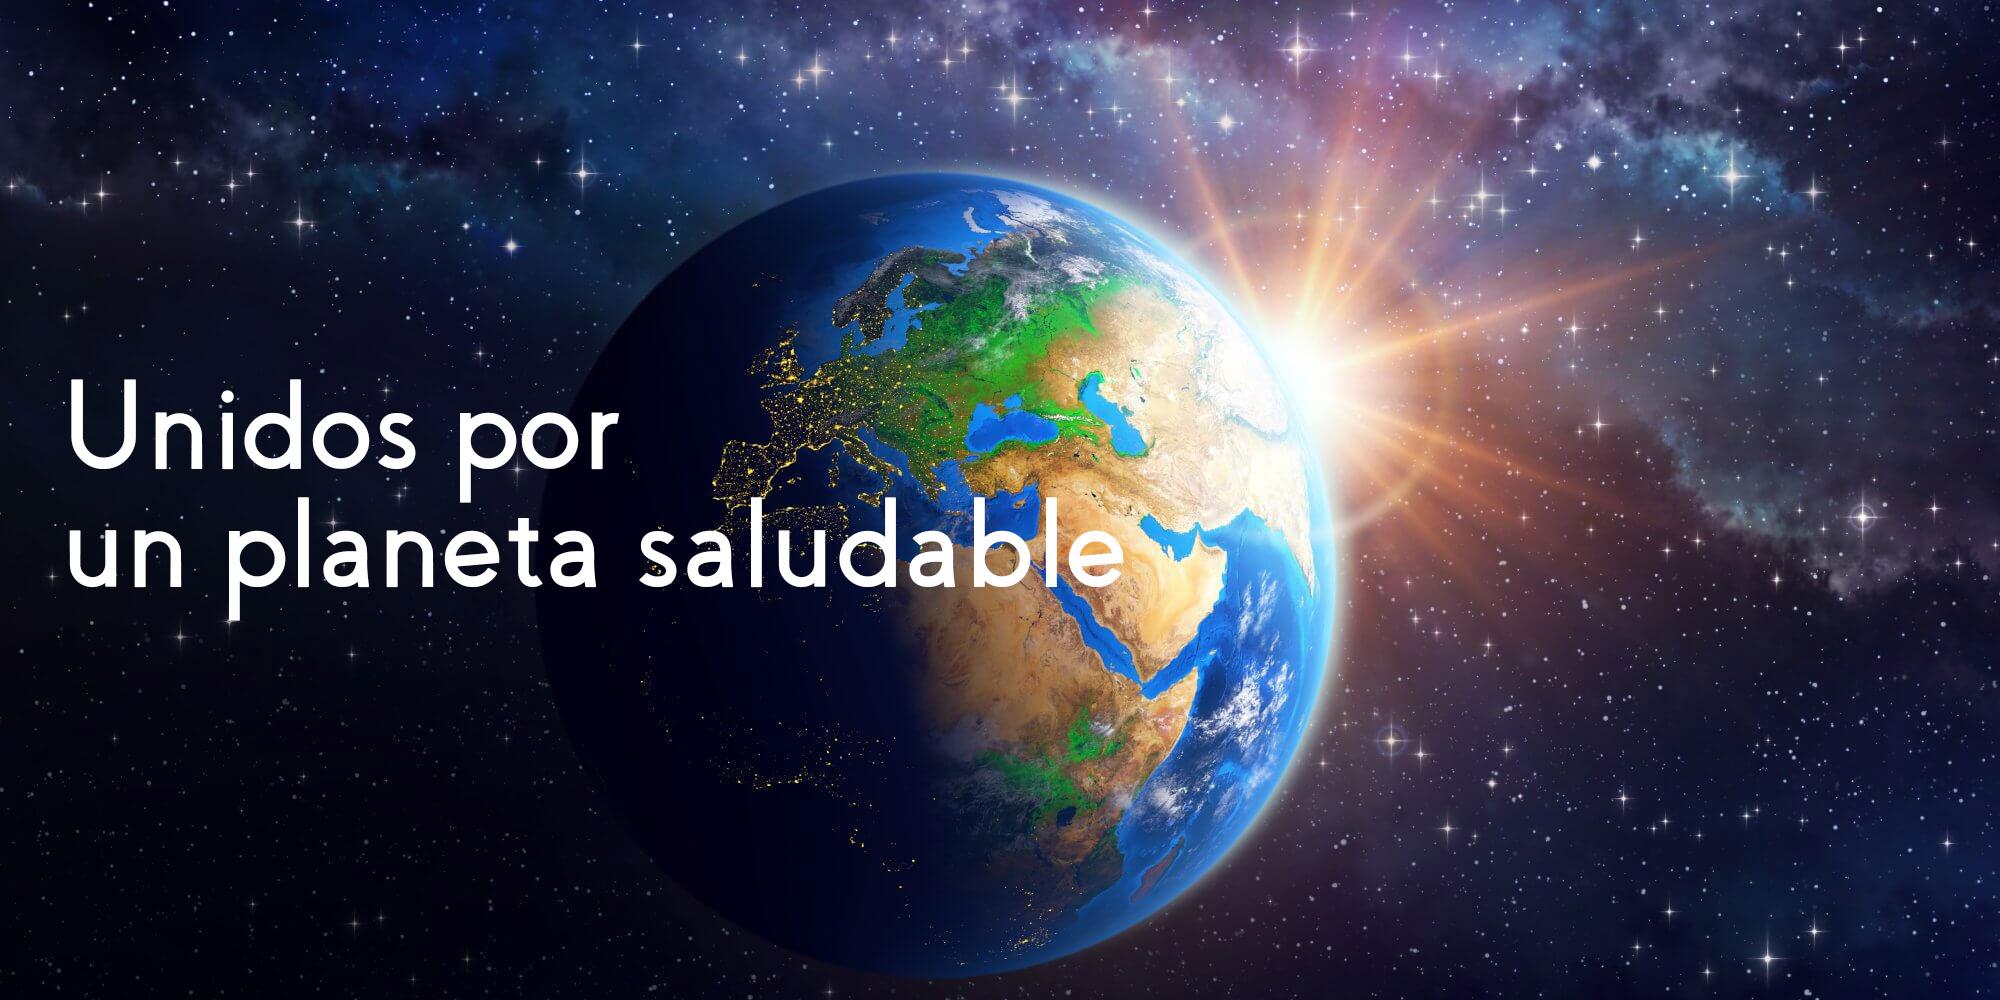 Unidos por un planeta saludable